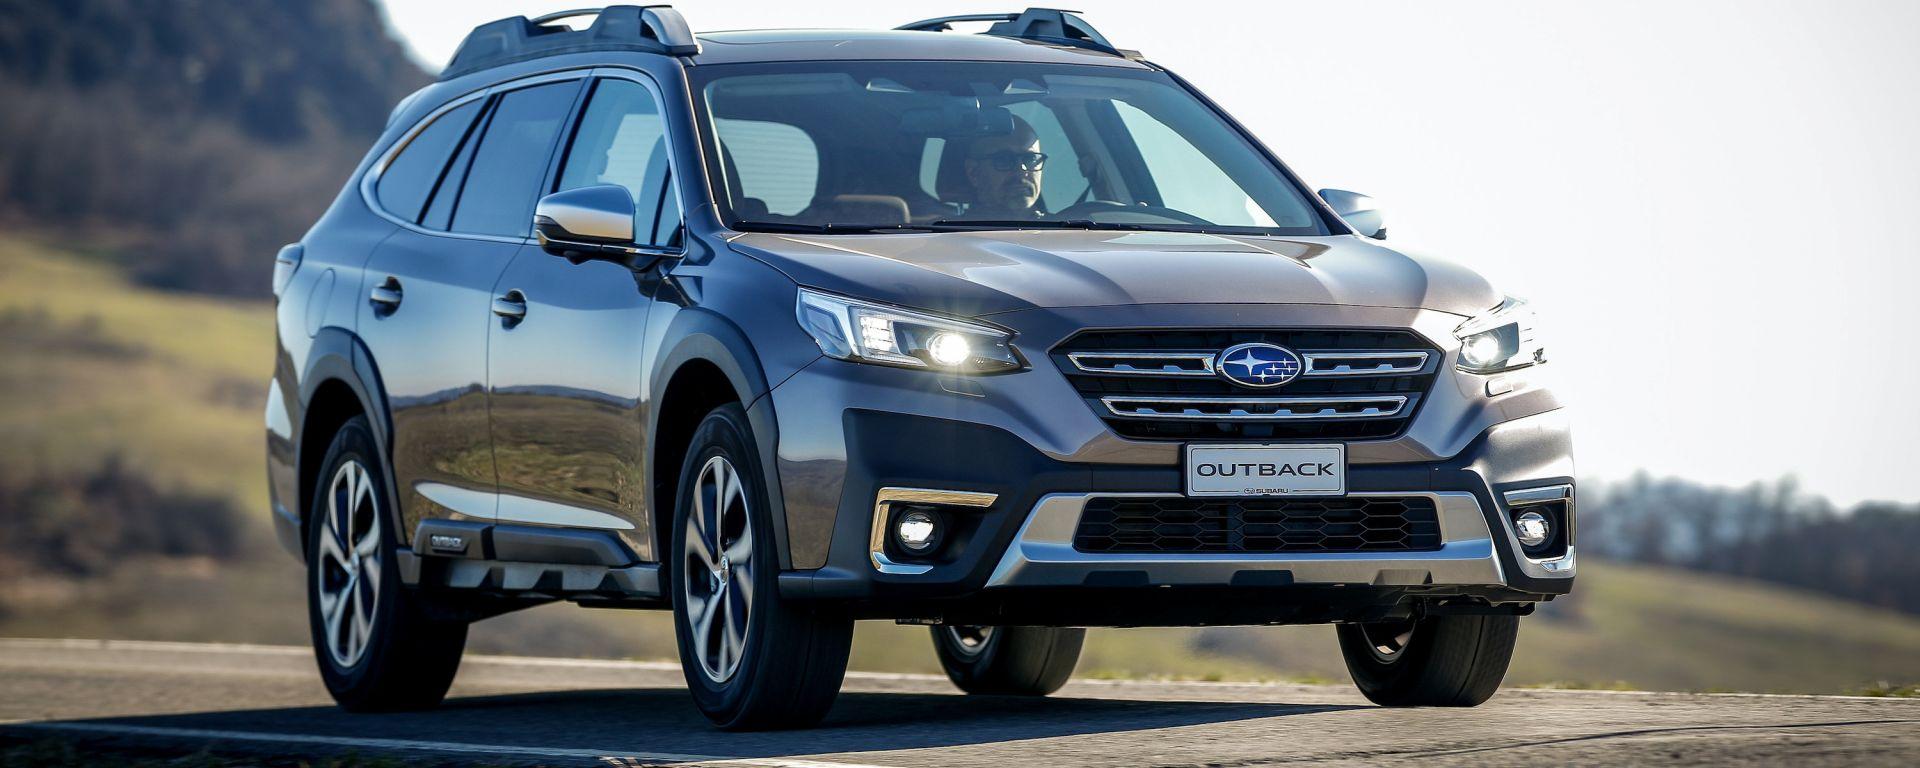 Nuova Subaru Outback 2021: tutte le novità e i prezzi